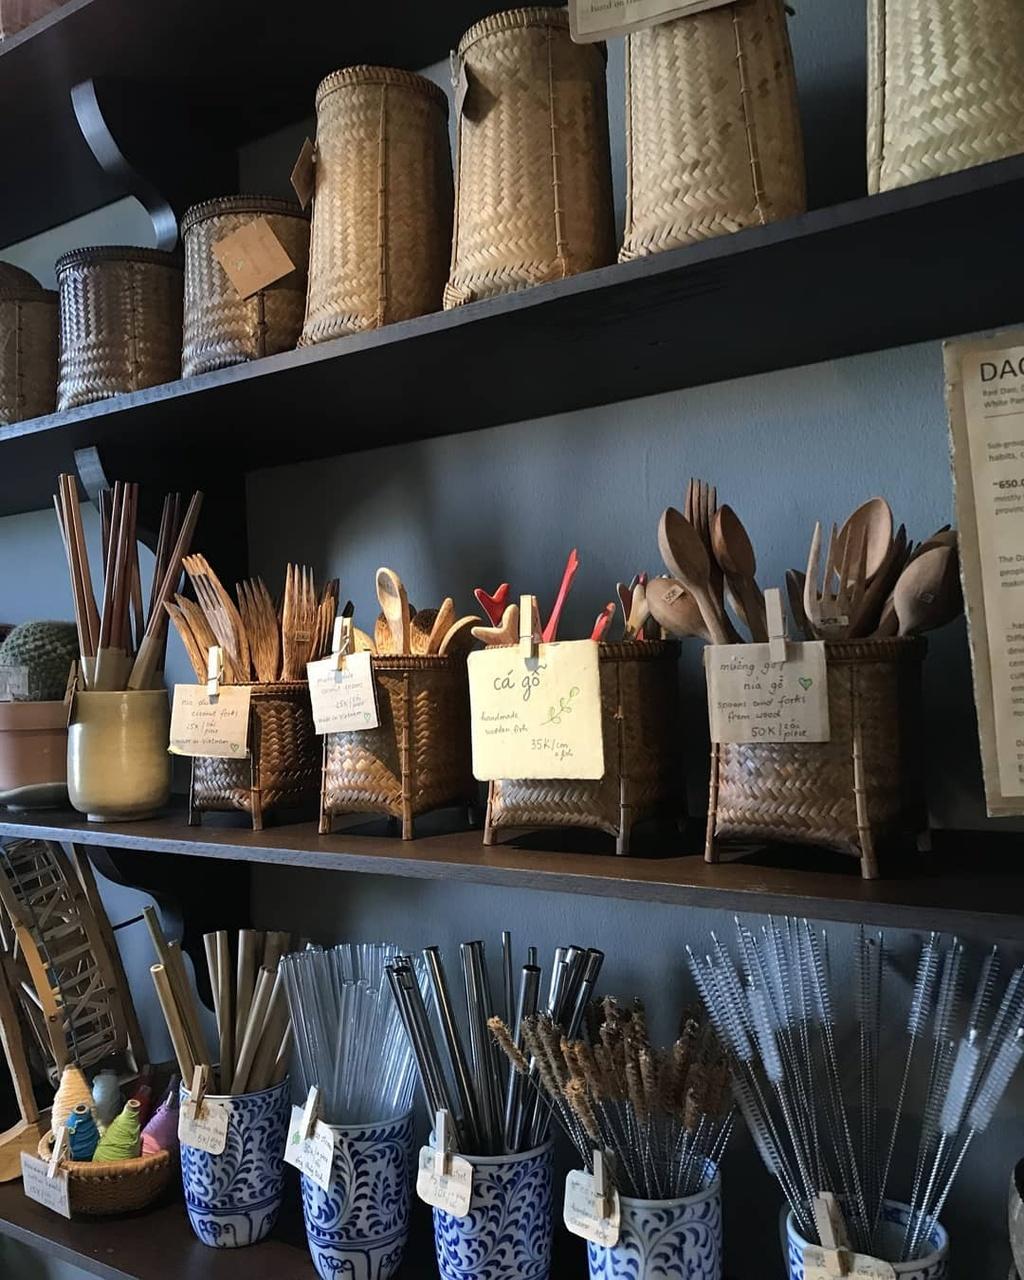 Bước chân vào quán cà phê nhỏ, bạn sẽ nhanh chóng cảm nhận sự gần gũi, ấm áp. Nhiều cây xanh, hoa được bày trí trong không gian cùng các vật dụng trang trí quen thuộc như tre, gỗ, gốm...